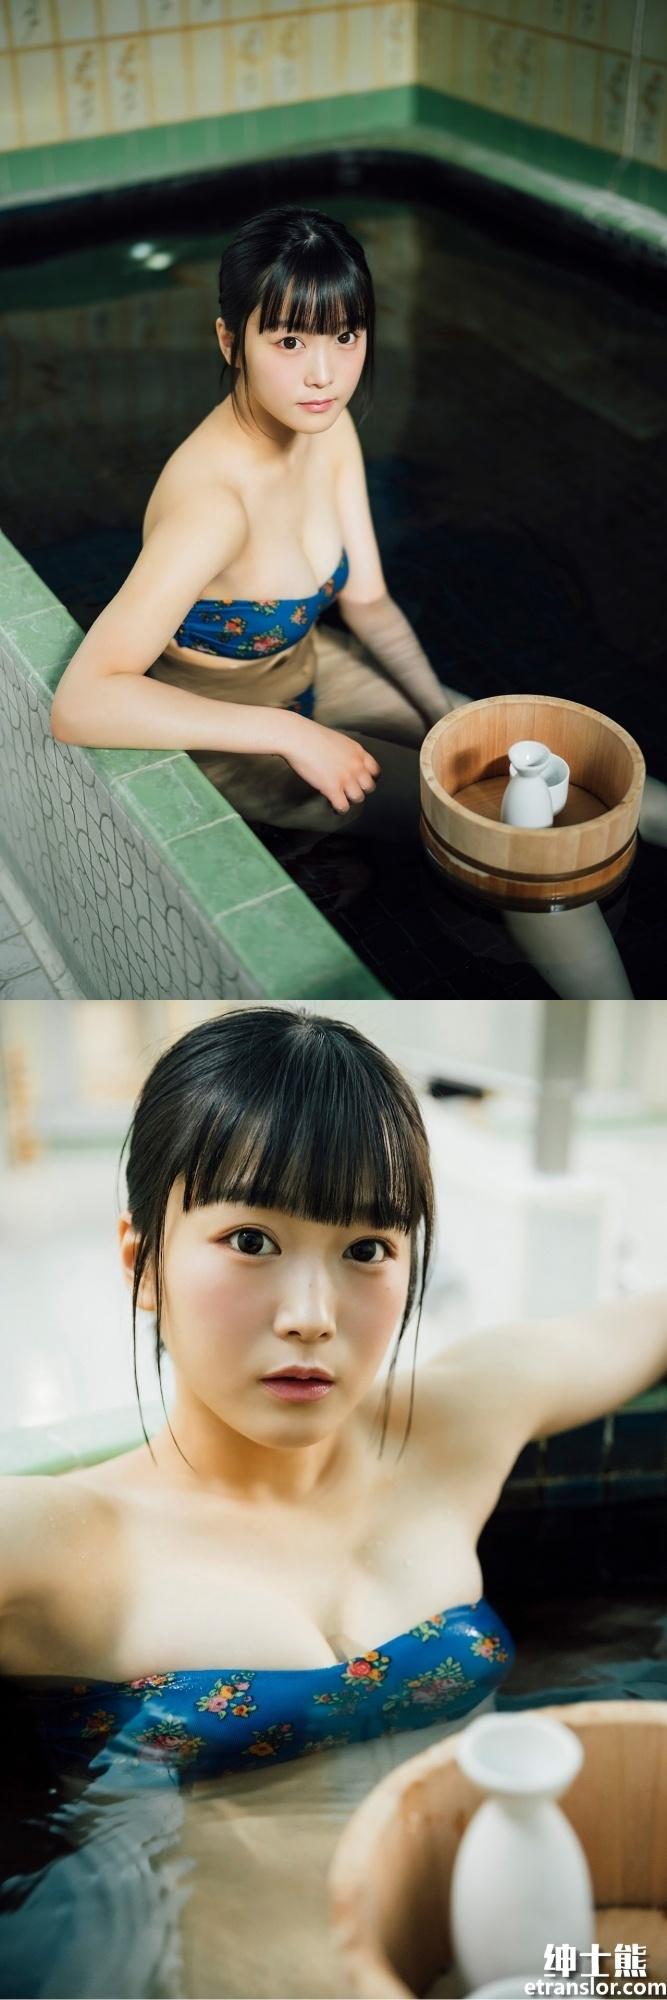 女团队长中川美优首次挑战泳装写真 网络美女 第9张